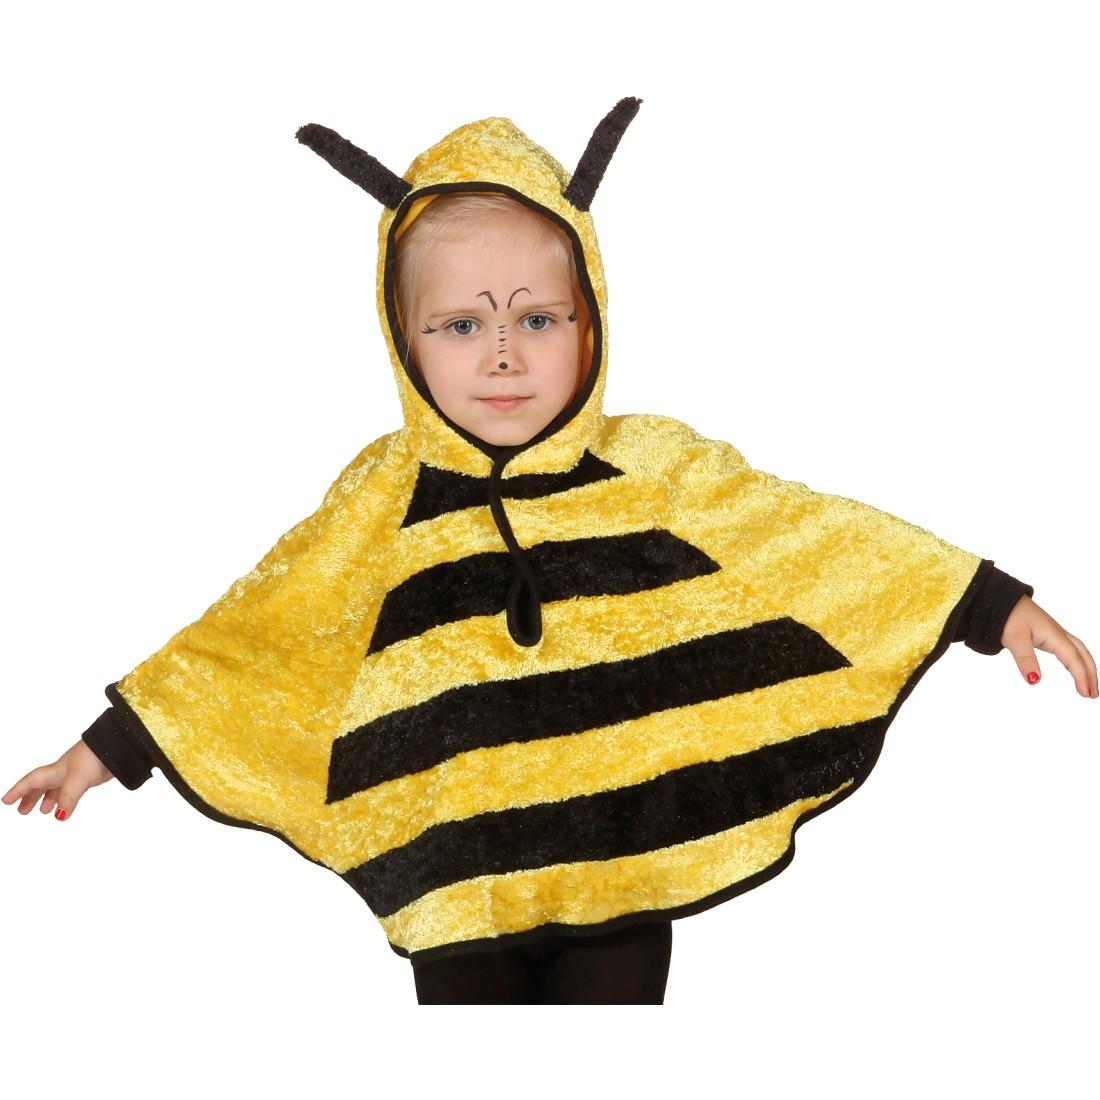 Biene Kostum Selber Machen